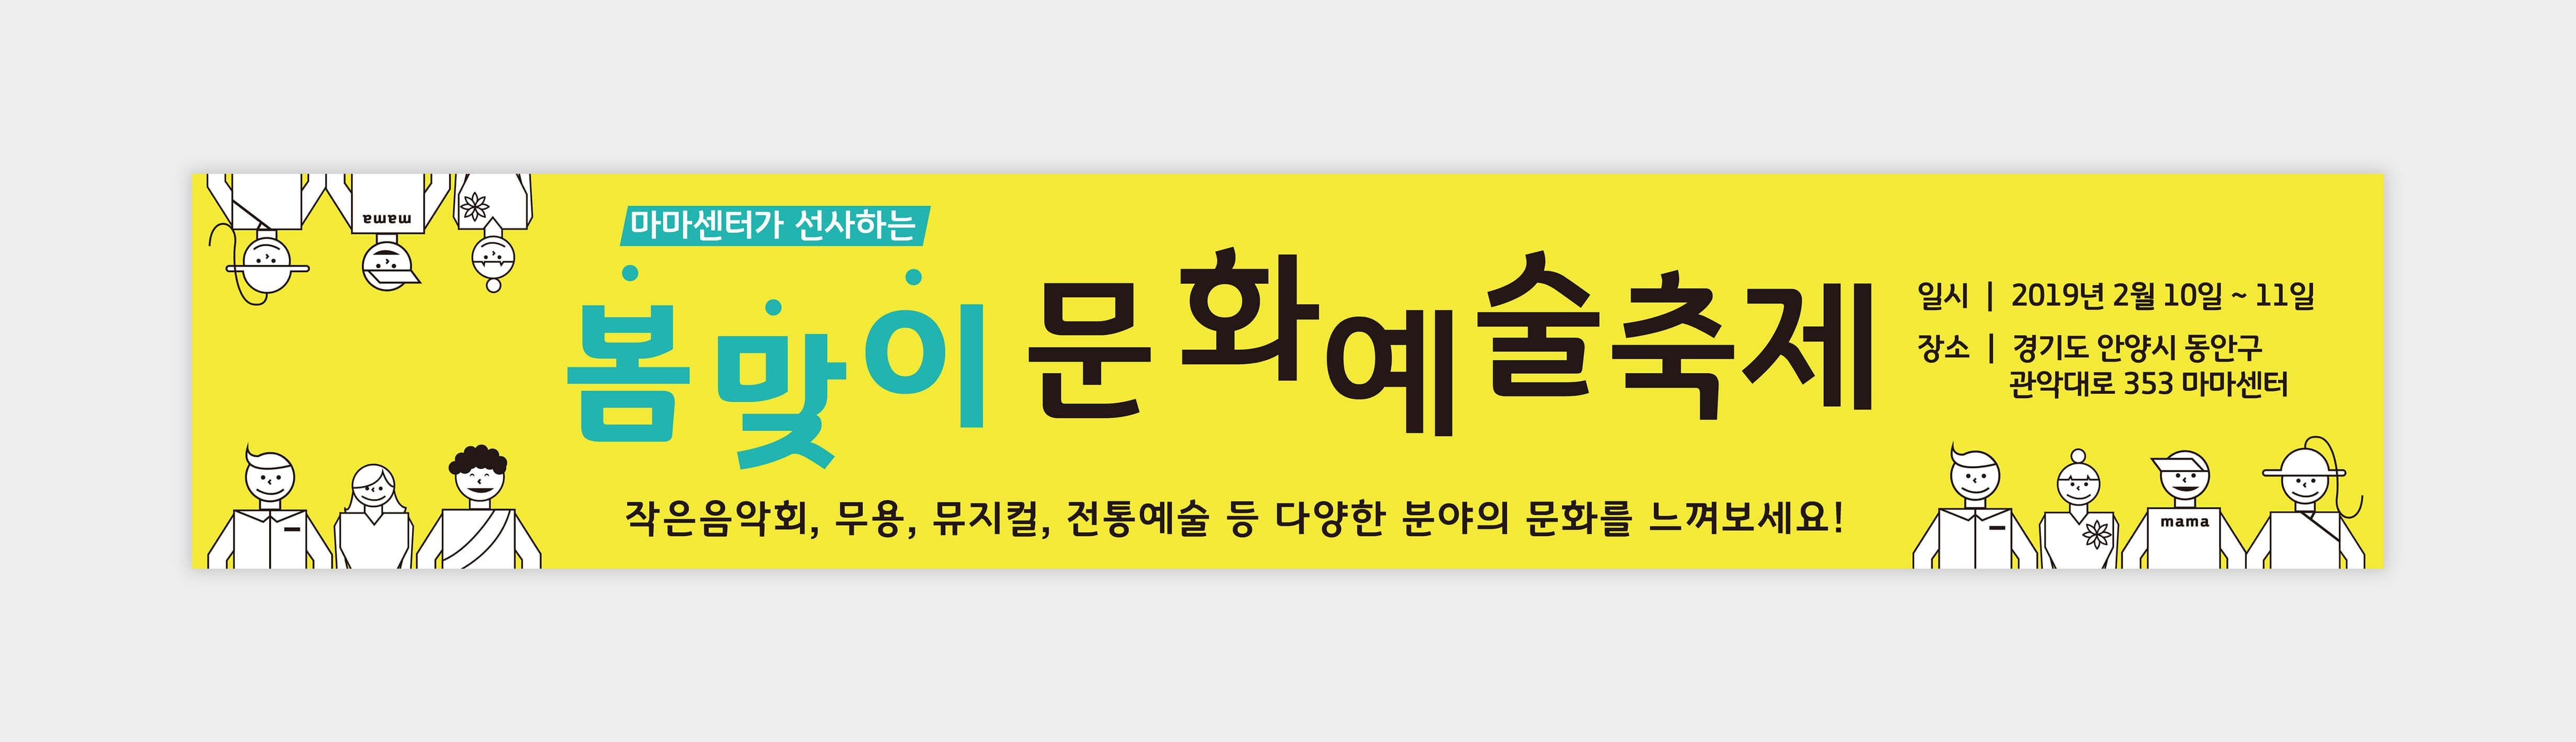 현수막_016